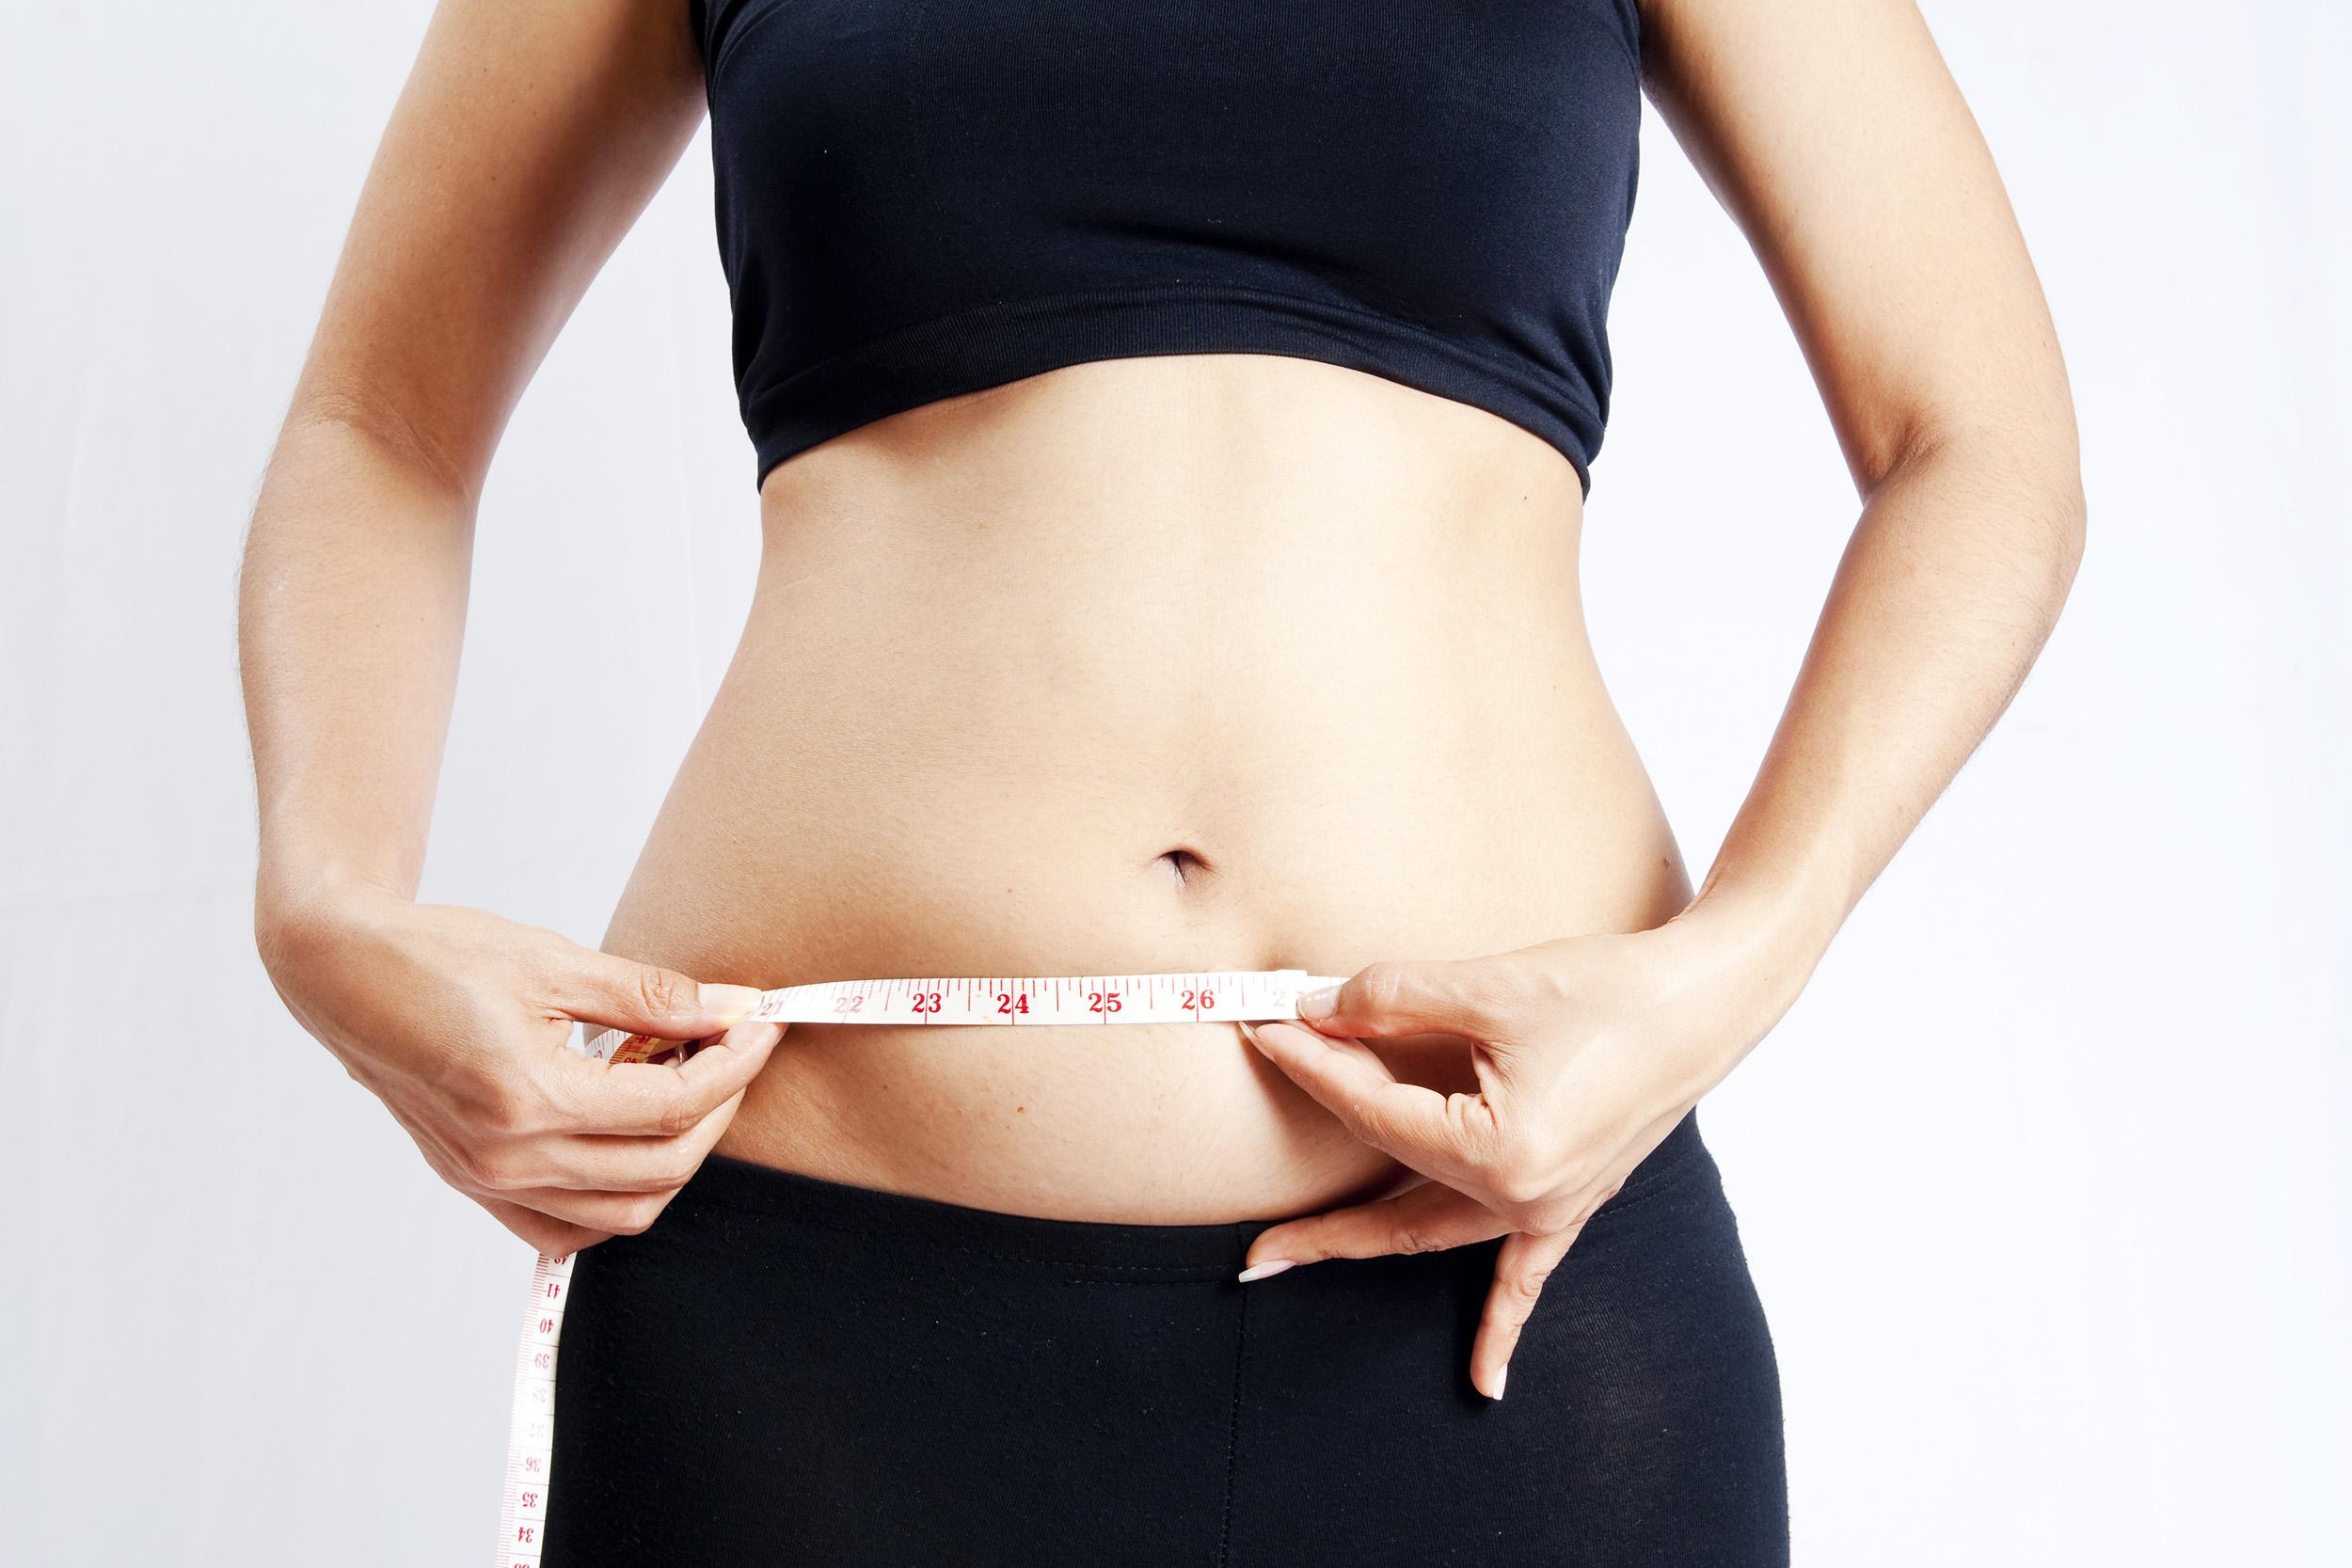 Хочется Похудеть И Убрать Живот. Как питаться чтобы убрать живот и бока, какие продукты исключить, диета в домашних условиях